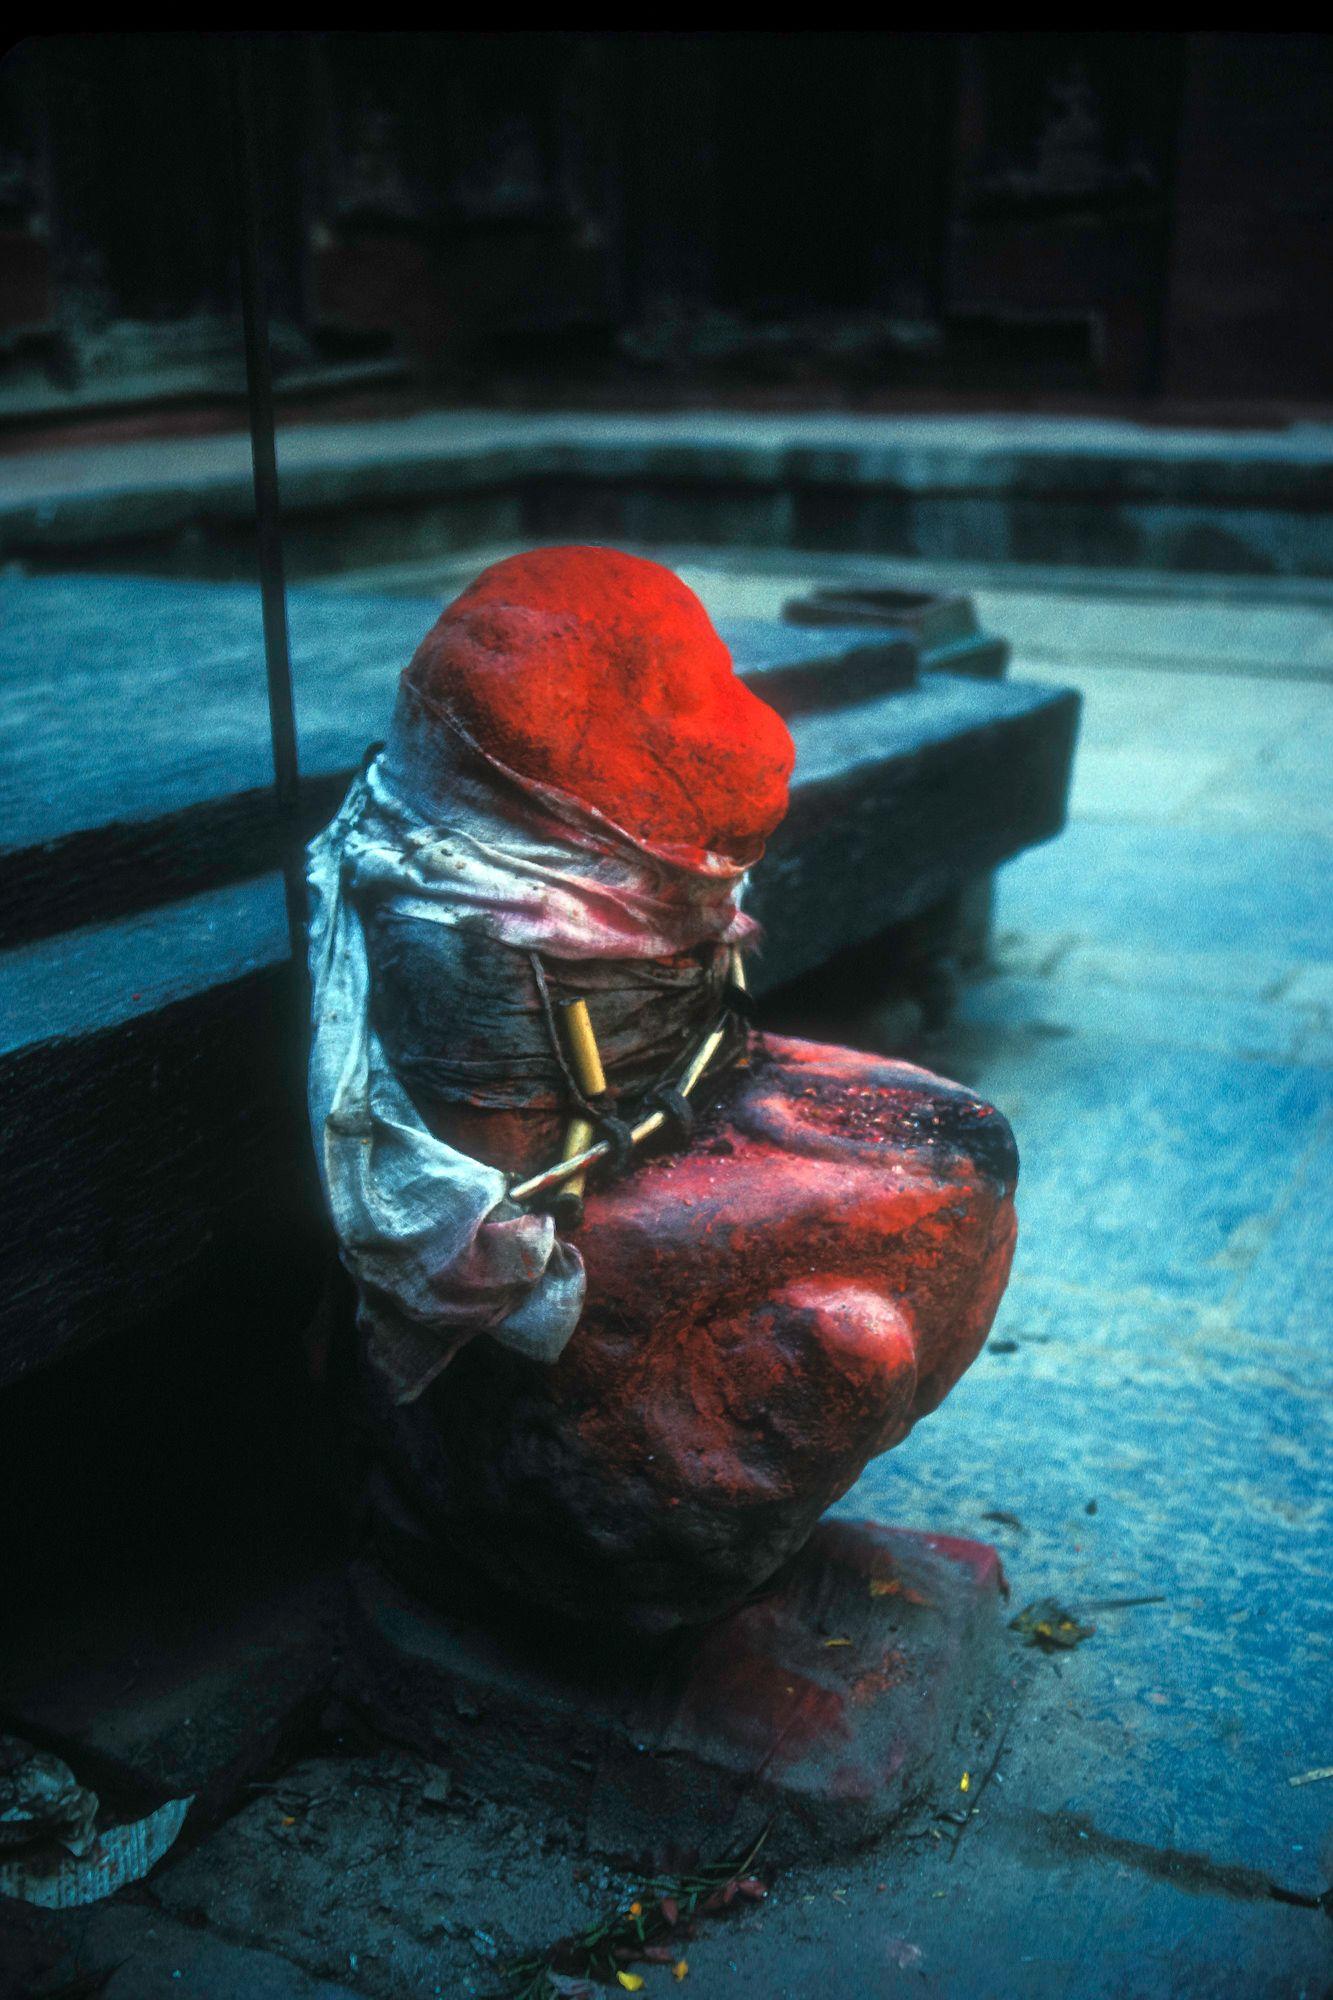 6-A Little Red-Patan, Nepal.jpg